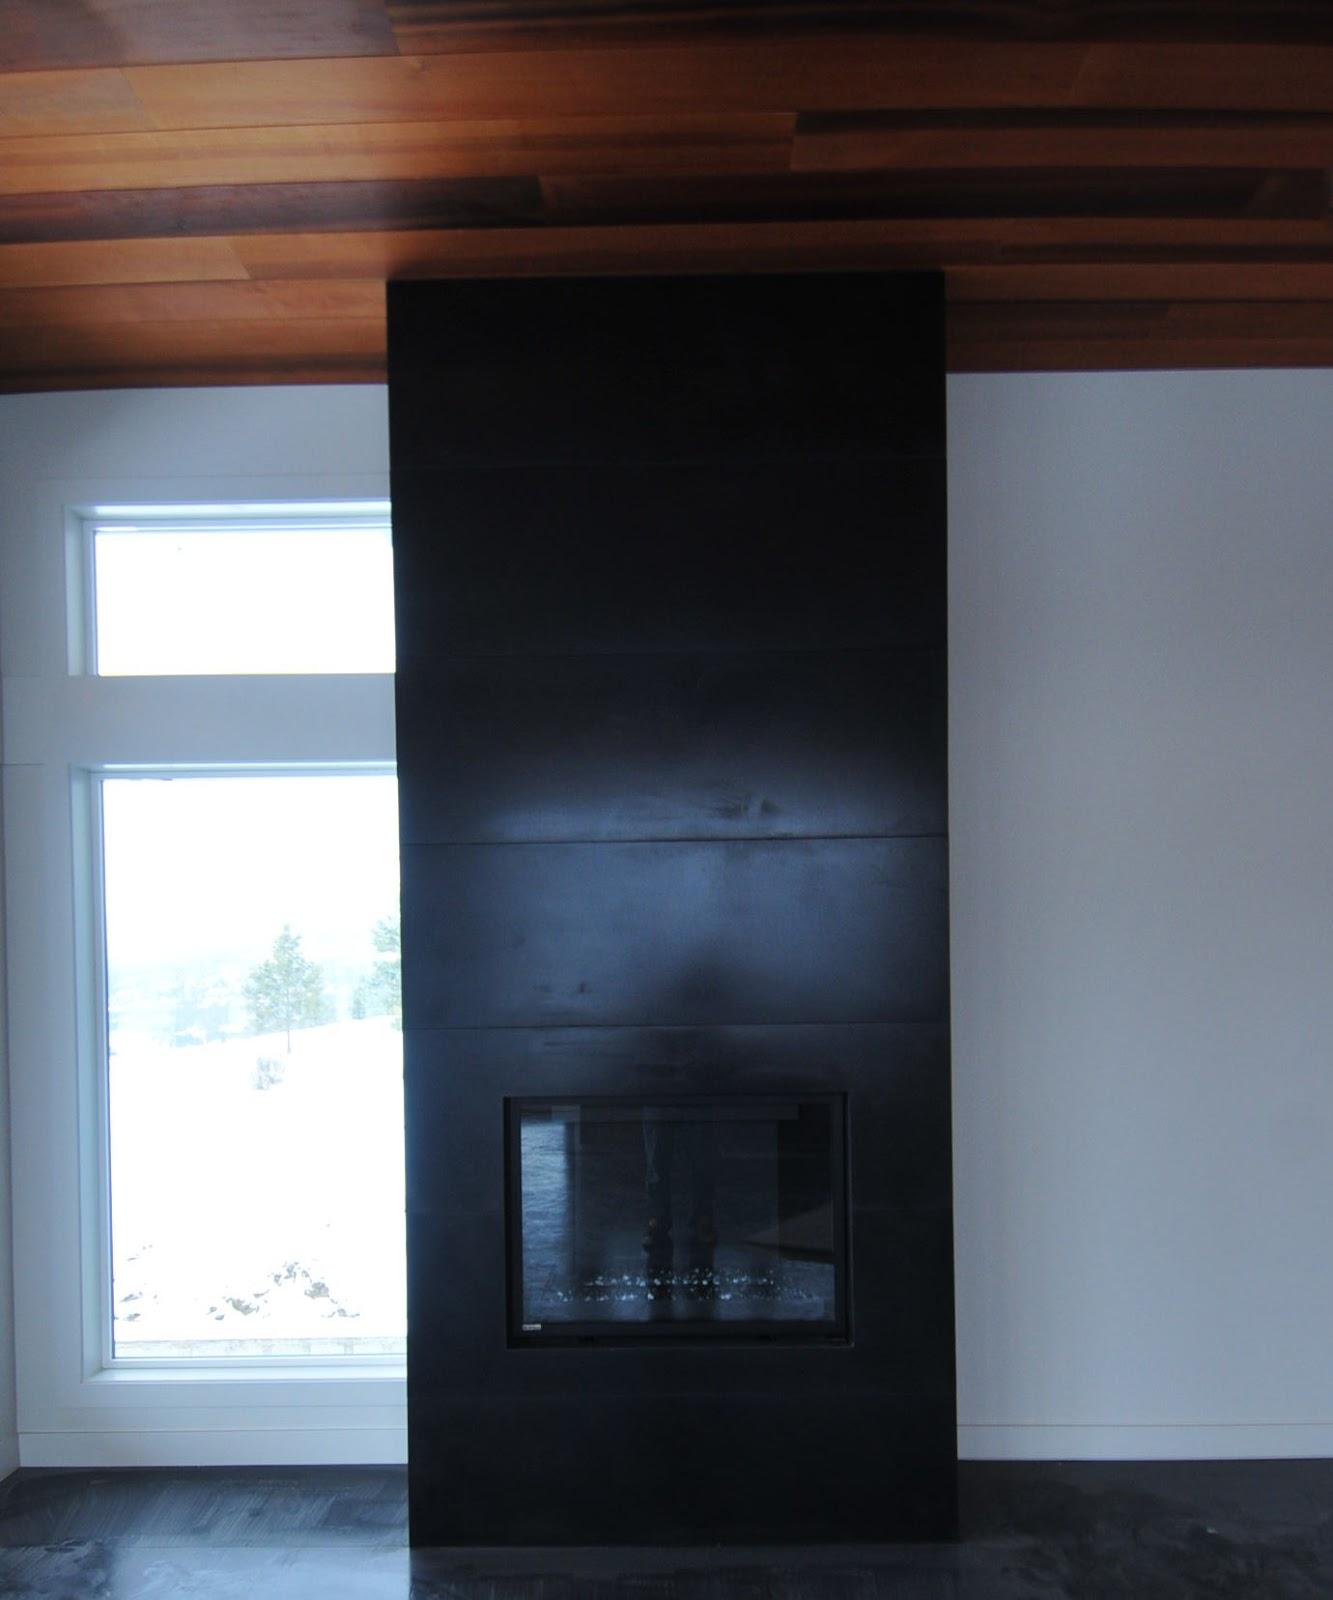 MODE CONCRETE: Create a Major Design Impact - Contemporary Floor to ...